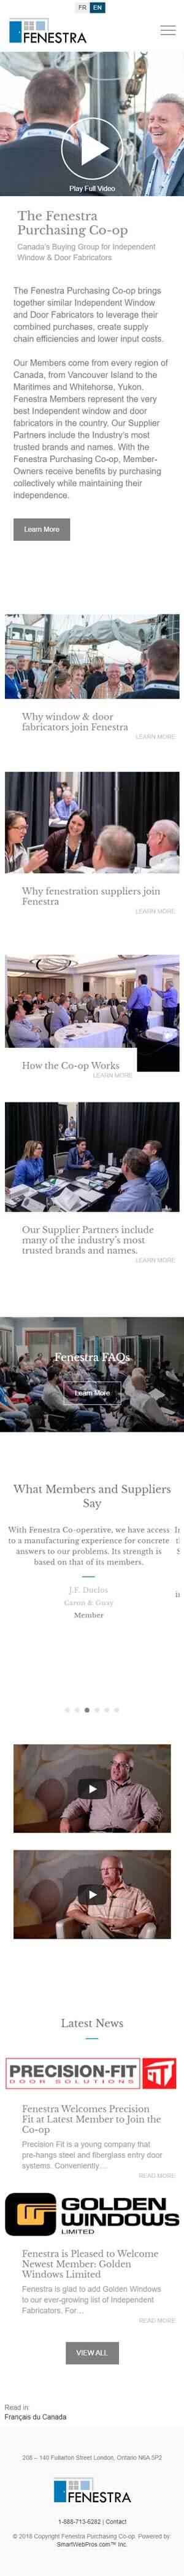 Fenestra Purchasing Co-op